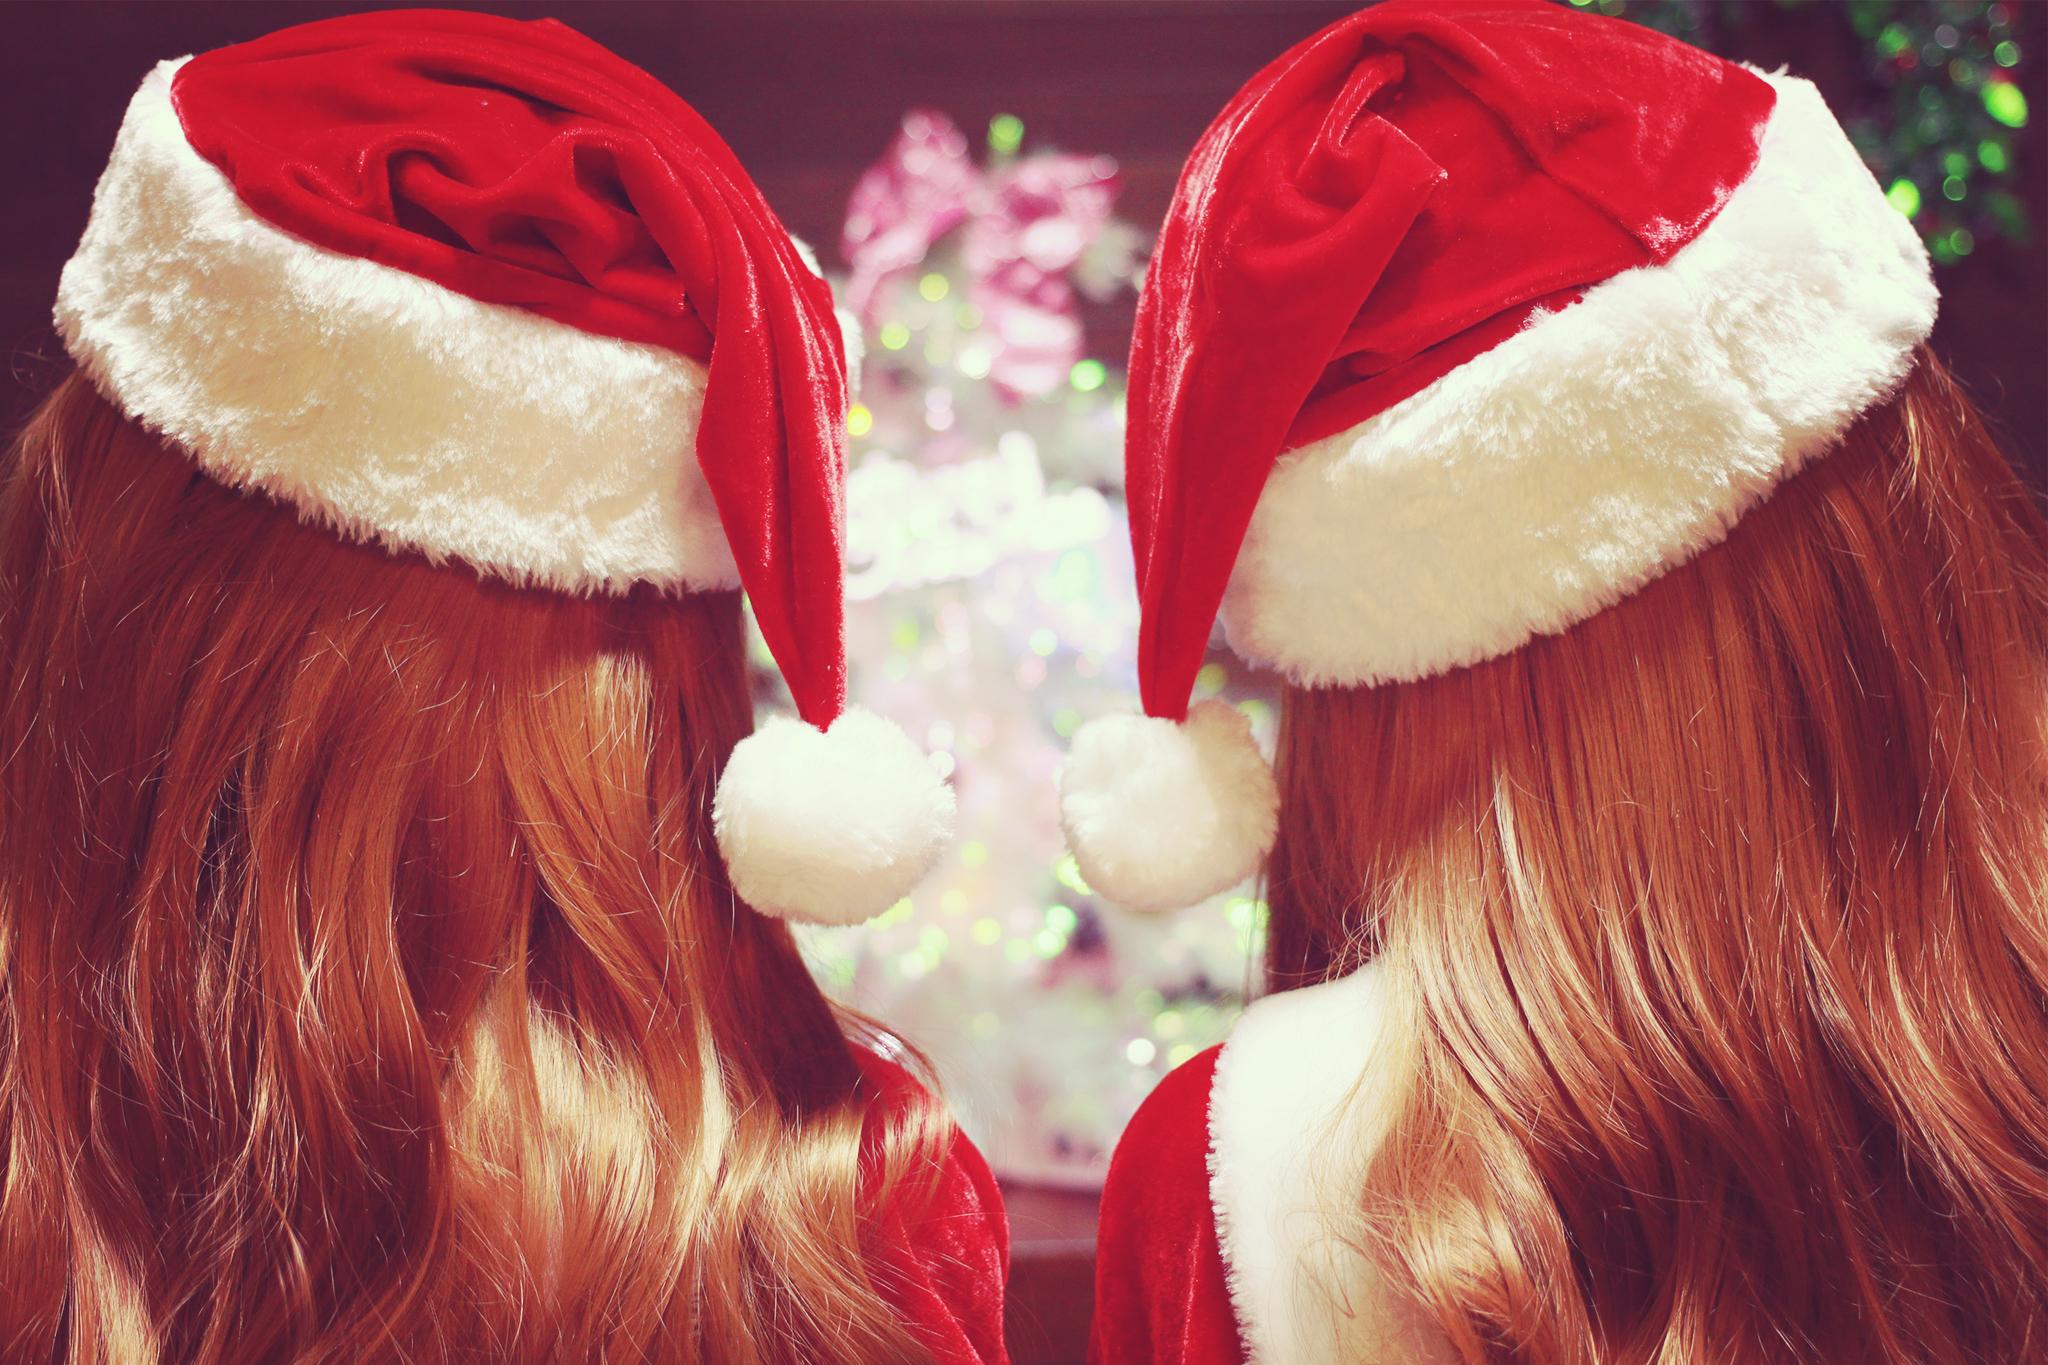 2017年12月24日(日)~12月30日(土)の12星座別*週間恋愛運メッセージ